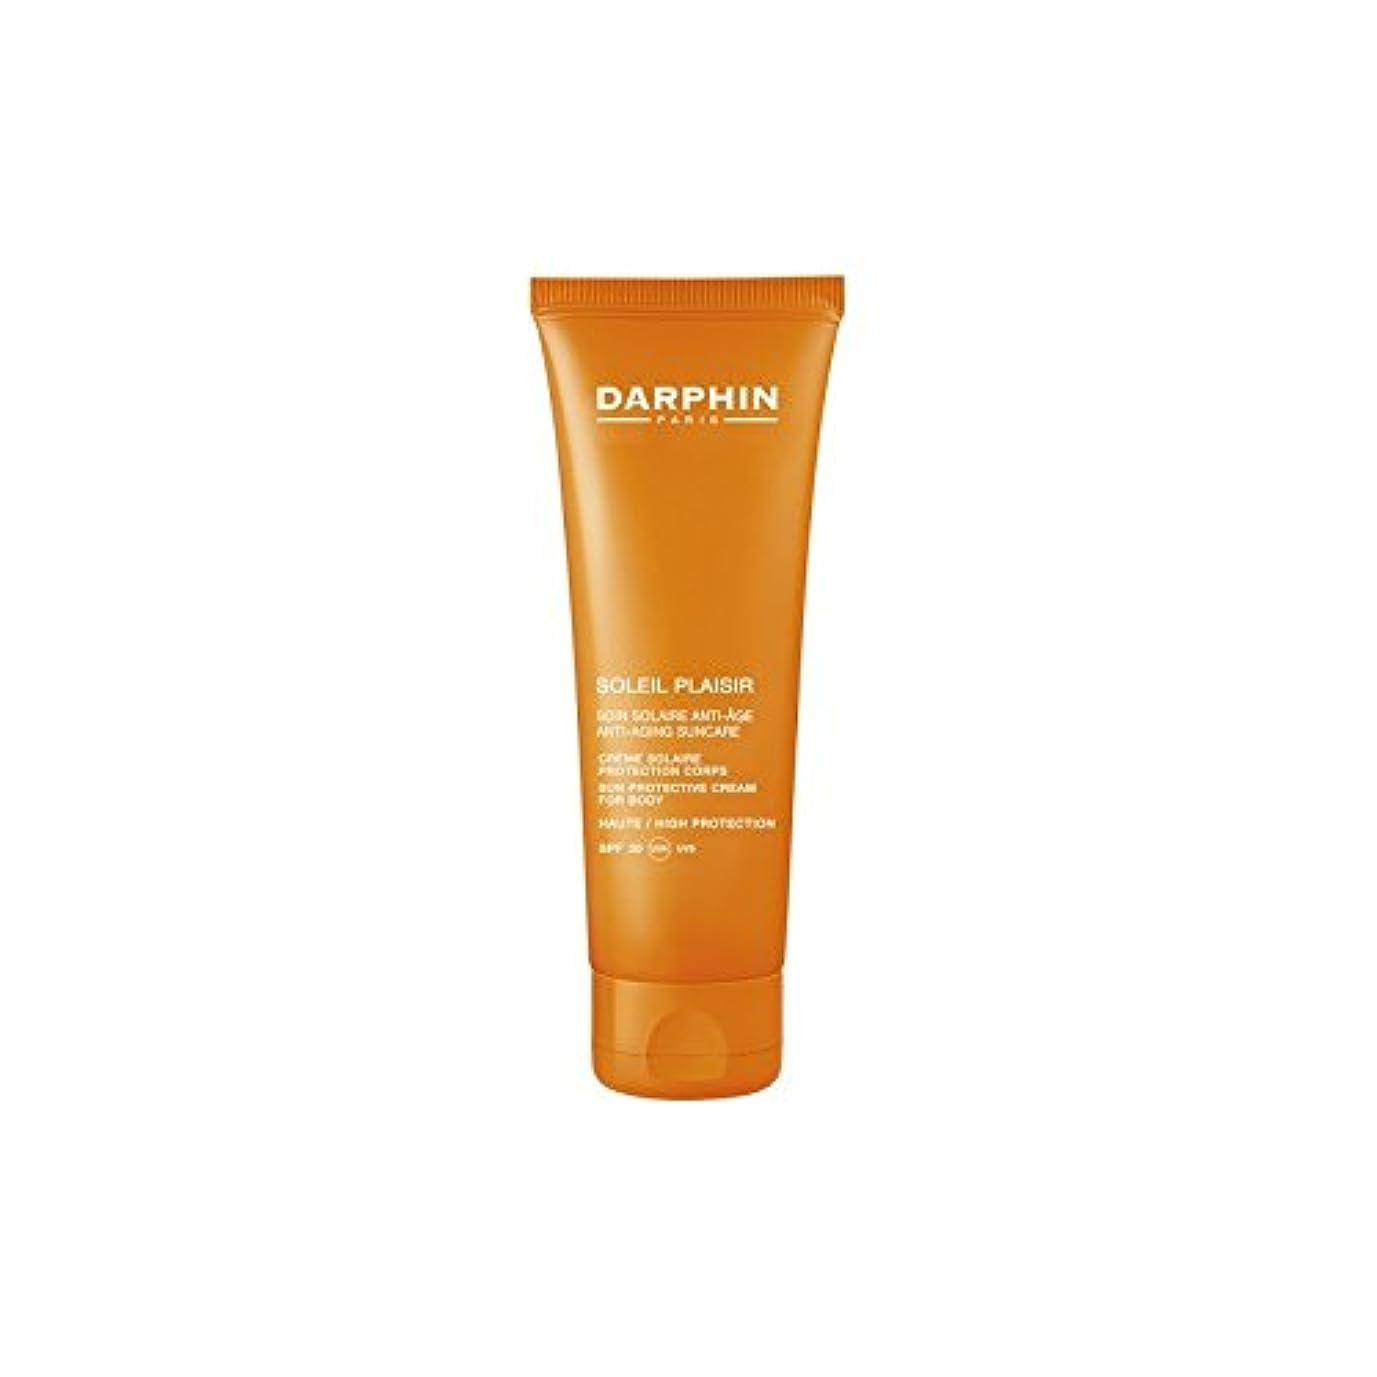 わずかな持つブラジャーDarphin Soleil Plaisir Body Cream (Pack of 6) - ダルファンソレイユプレジールボディクリーム x6 [並行輸入品]